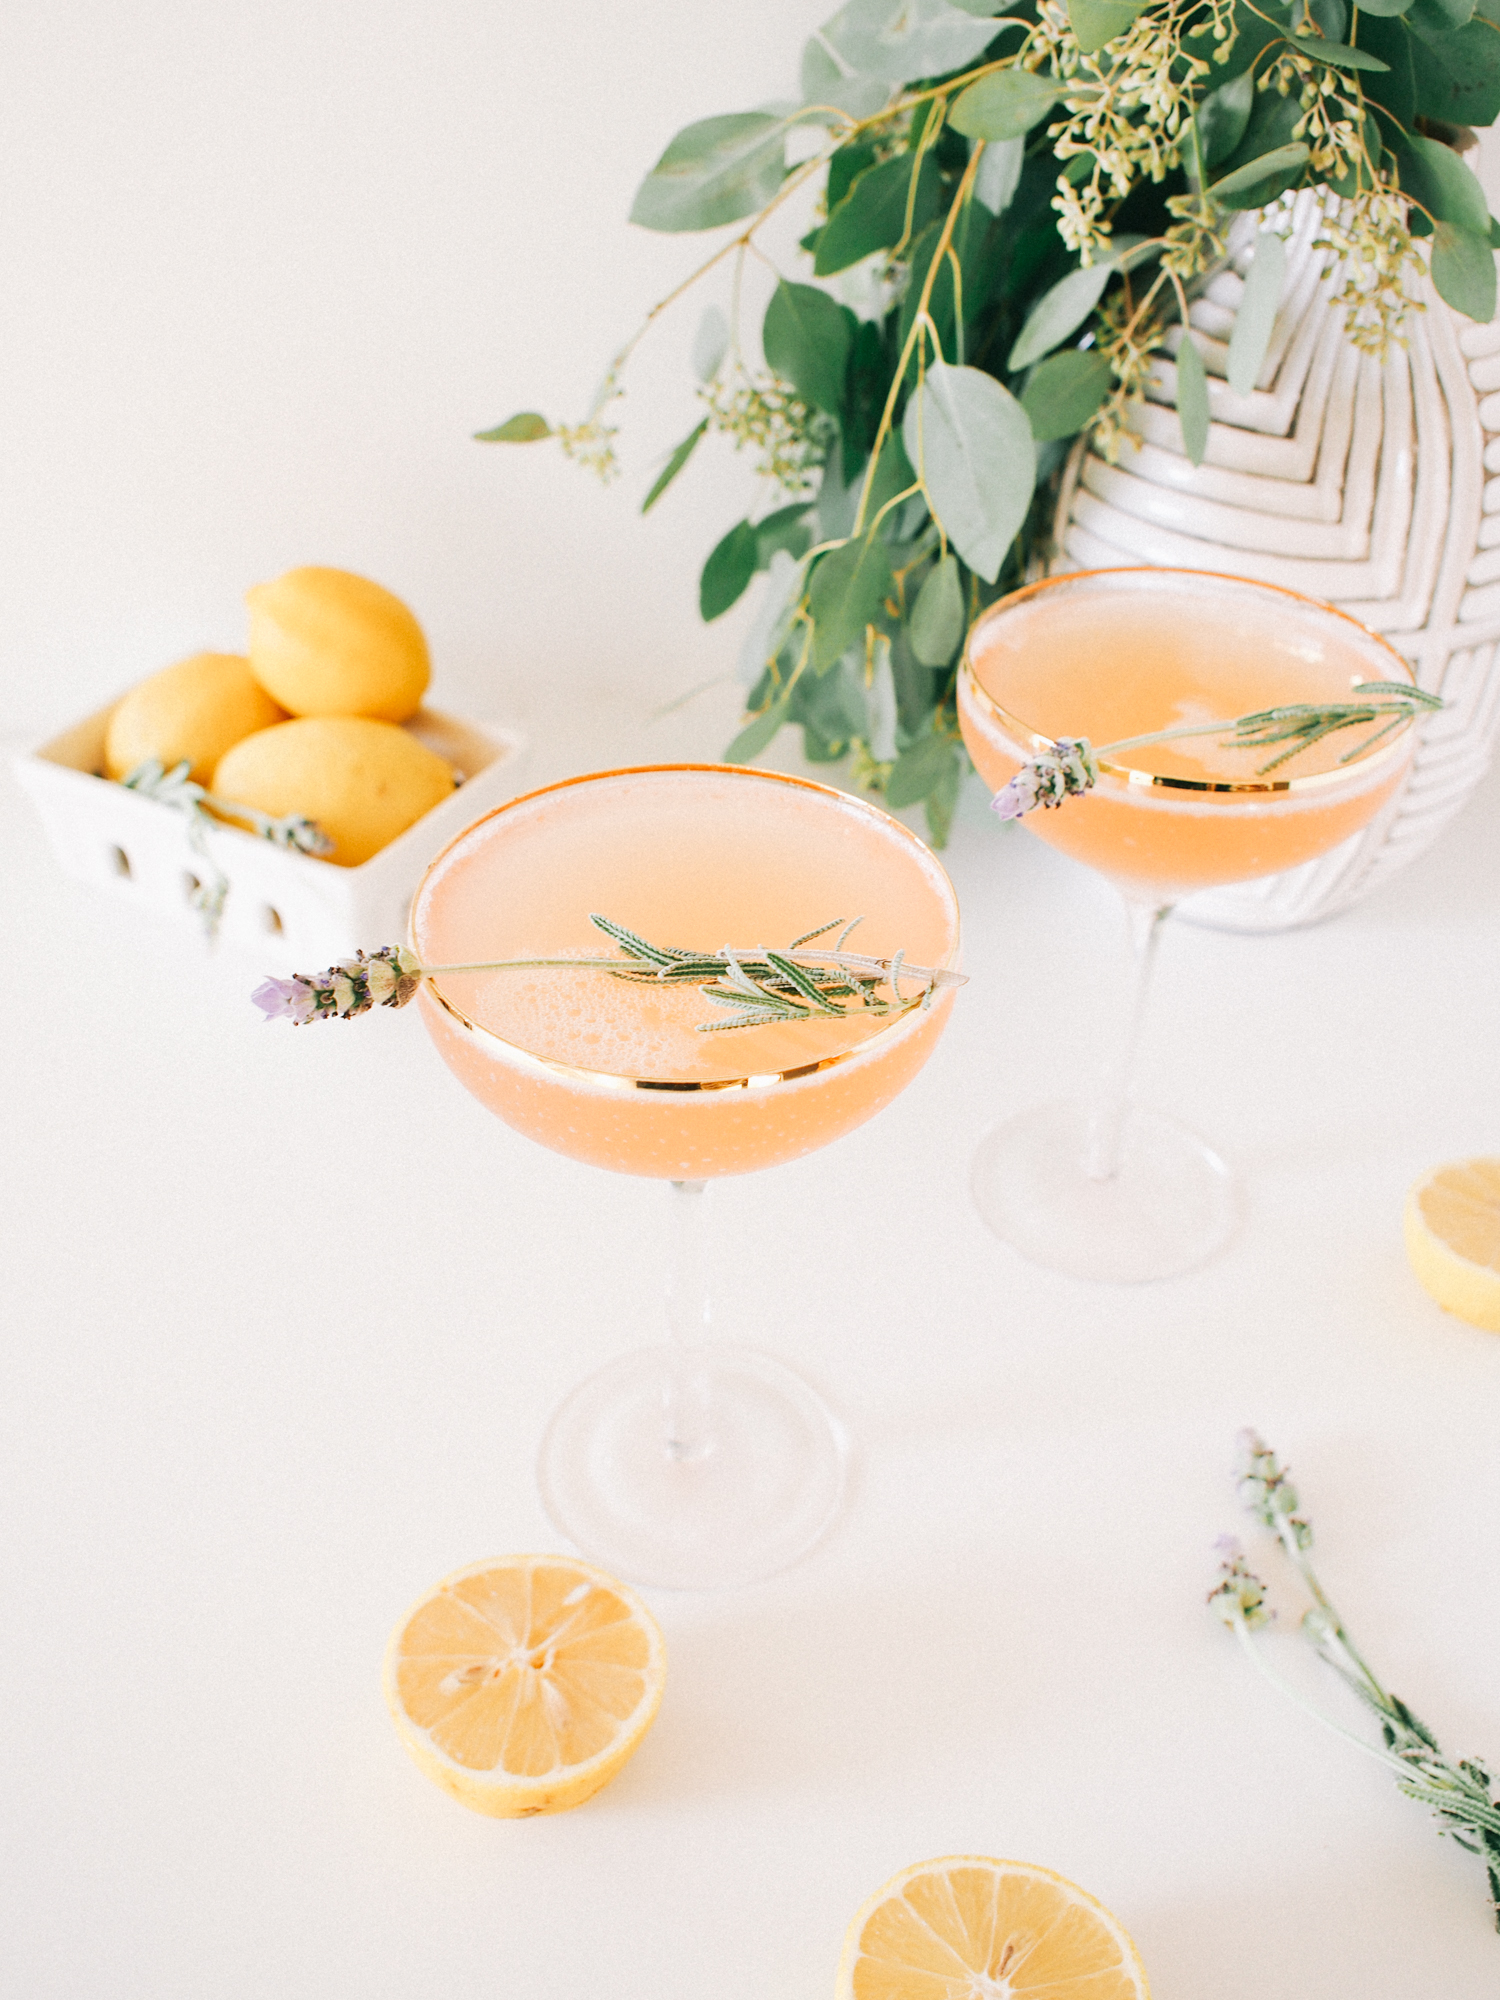 Lavender-Lemon-Rose-Cocktail-8.jpg